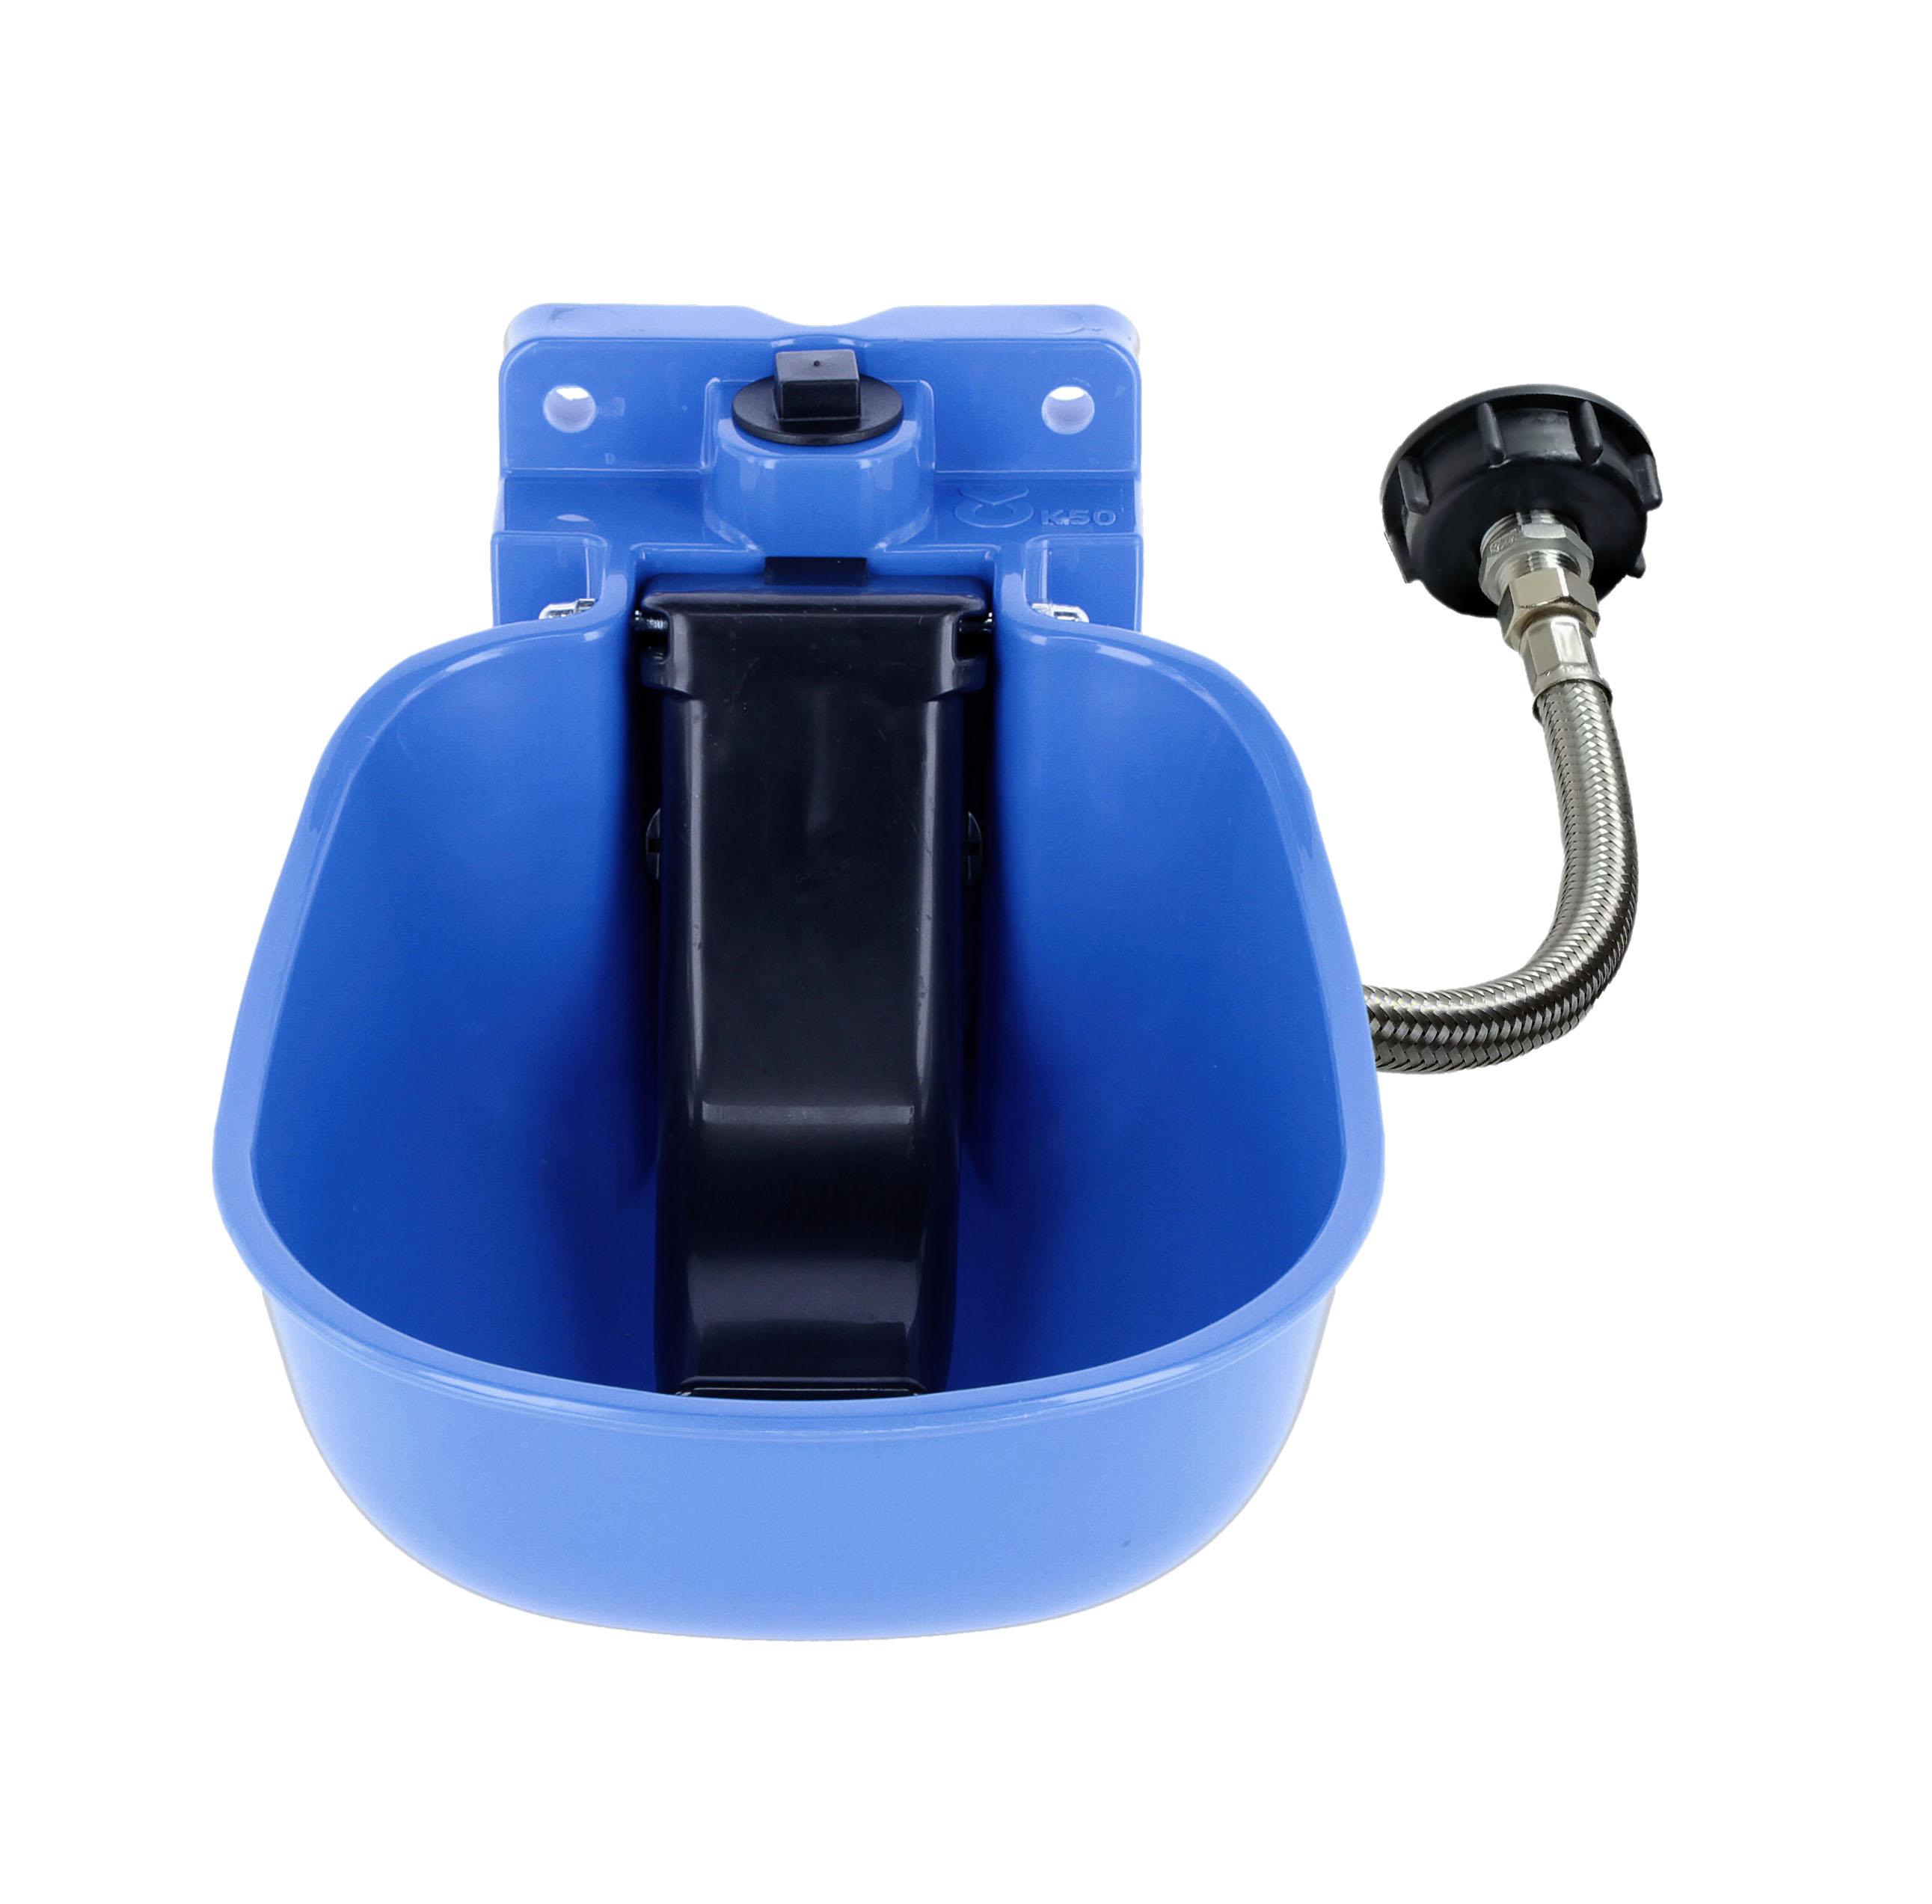 Fenteer Ersatz Kolben Stift Kolbenringe Sicherungsring /Öldichtung Kettens/äge Strimmer 42.5mm Piston Ring Oil Seal Kit Kettens/äge Ersatzteile aus Metall f/ür STIHL 025 MS250 MS 250 Kettens/äge